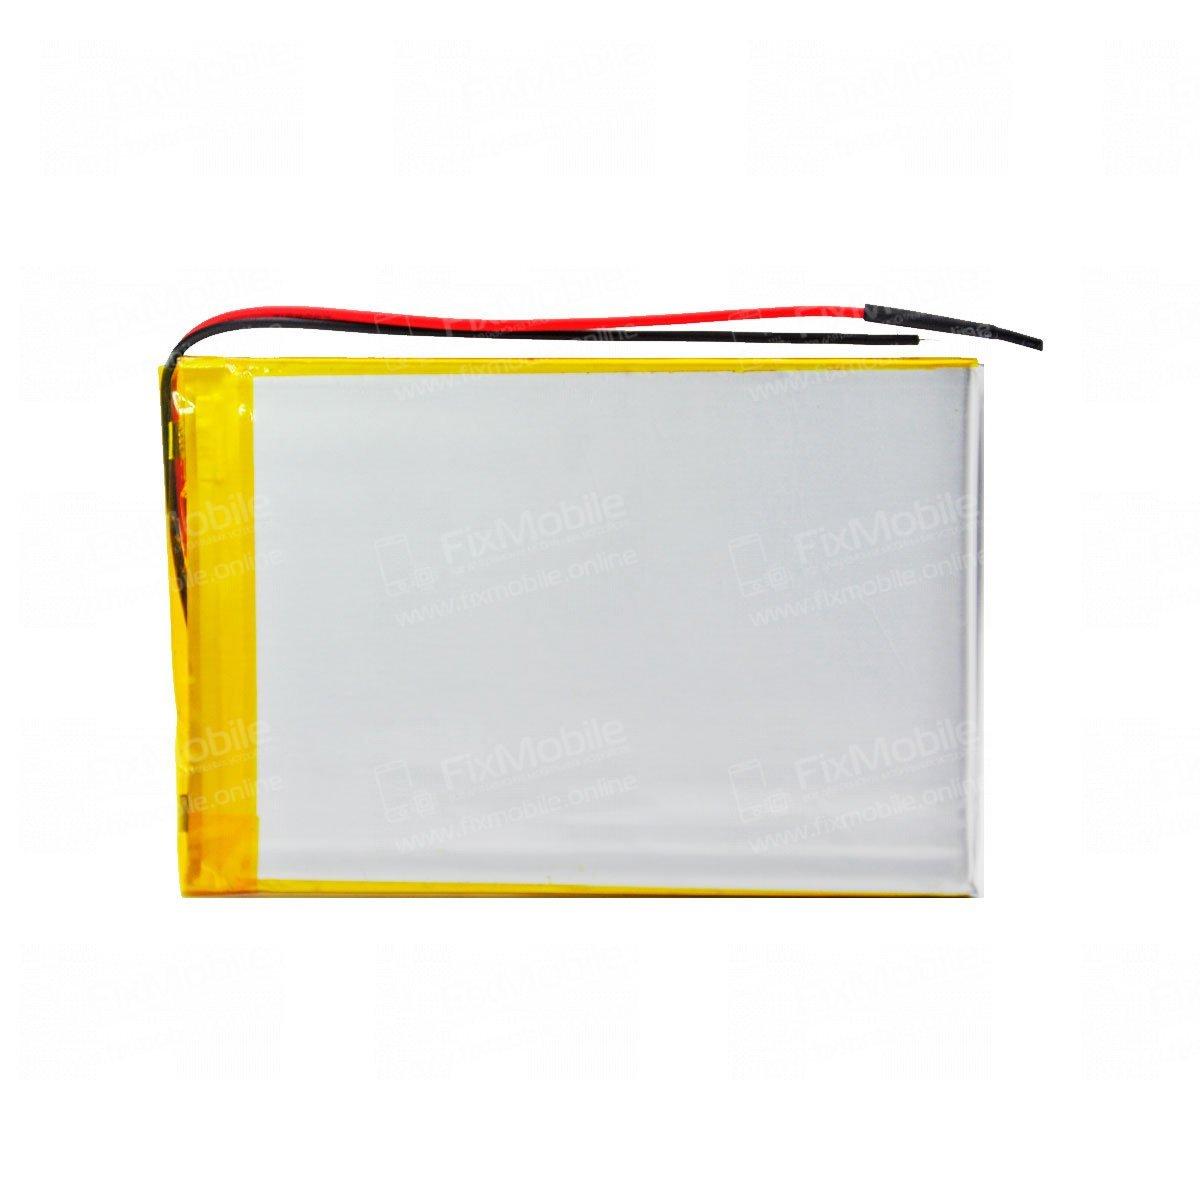 Аккумуляторная батарея универсальная 406090p 3,7v 3000 mAh 4*60*90 мм